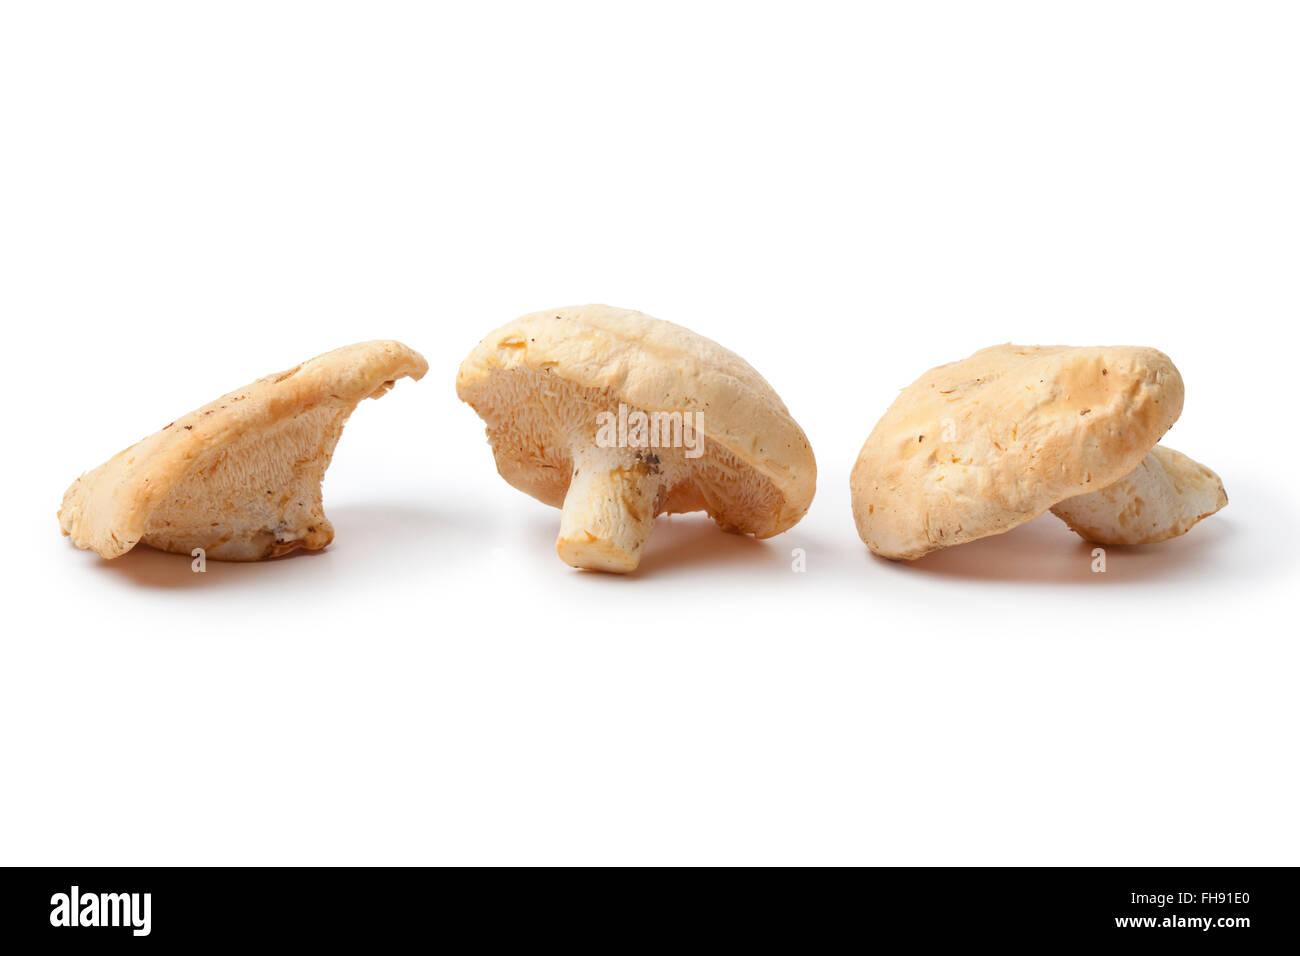 Fresh raw Wood hedgehog mushrooms isolated on white background - Stock Image